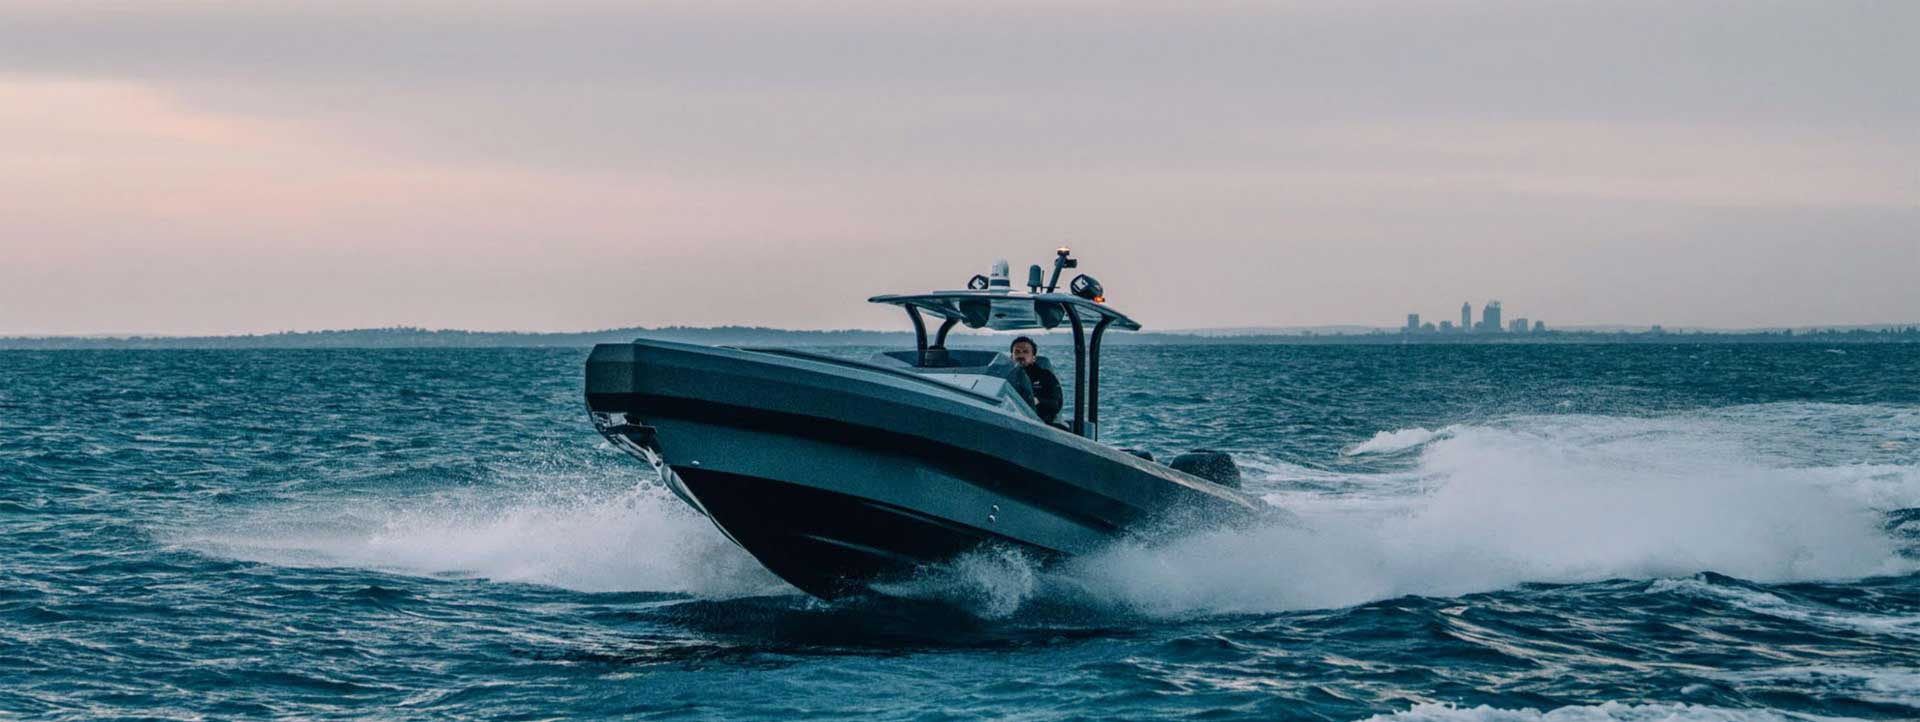 PIGLET-boat-hire-perth-Elizabeth-Quay